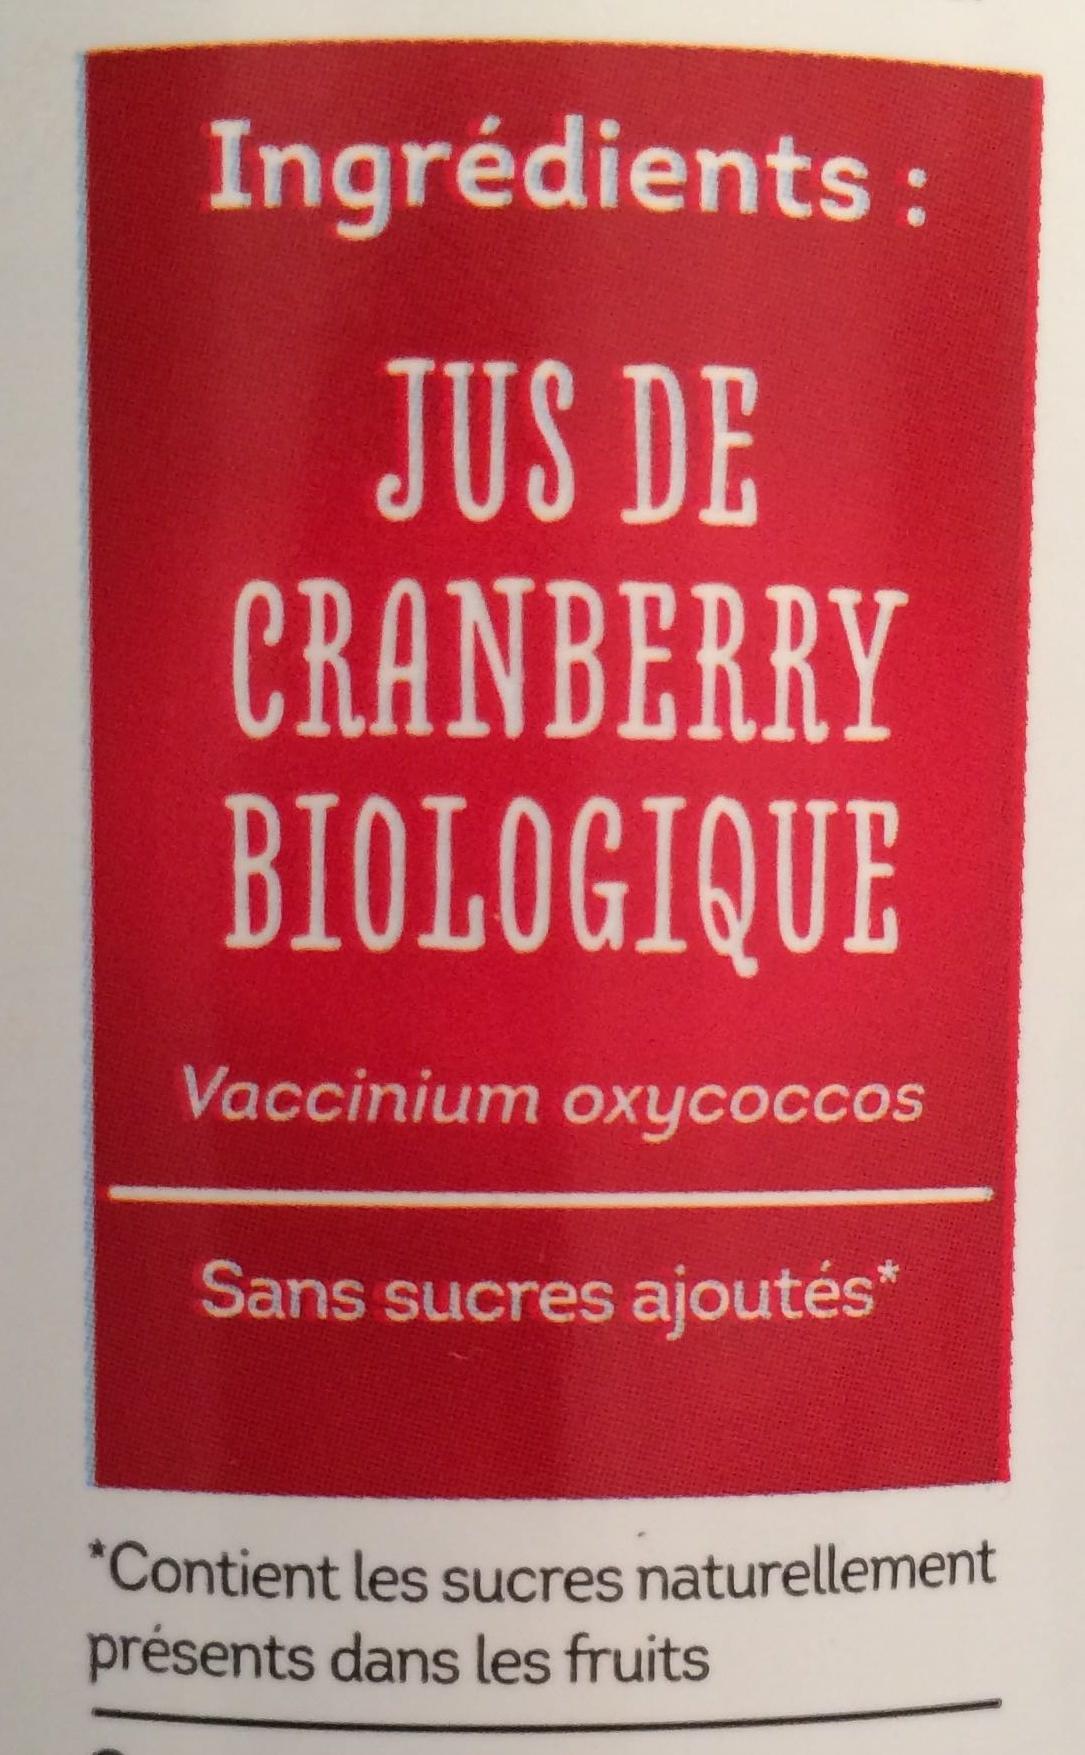 Jus de CRANBERRY - Ingrédients - fr